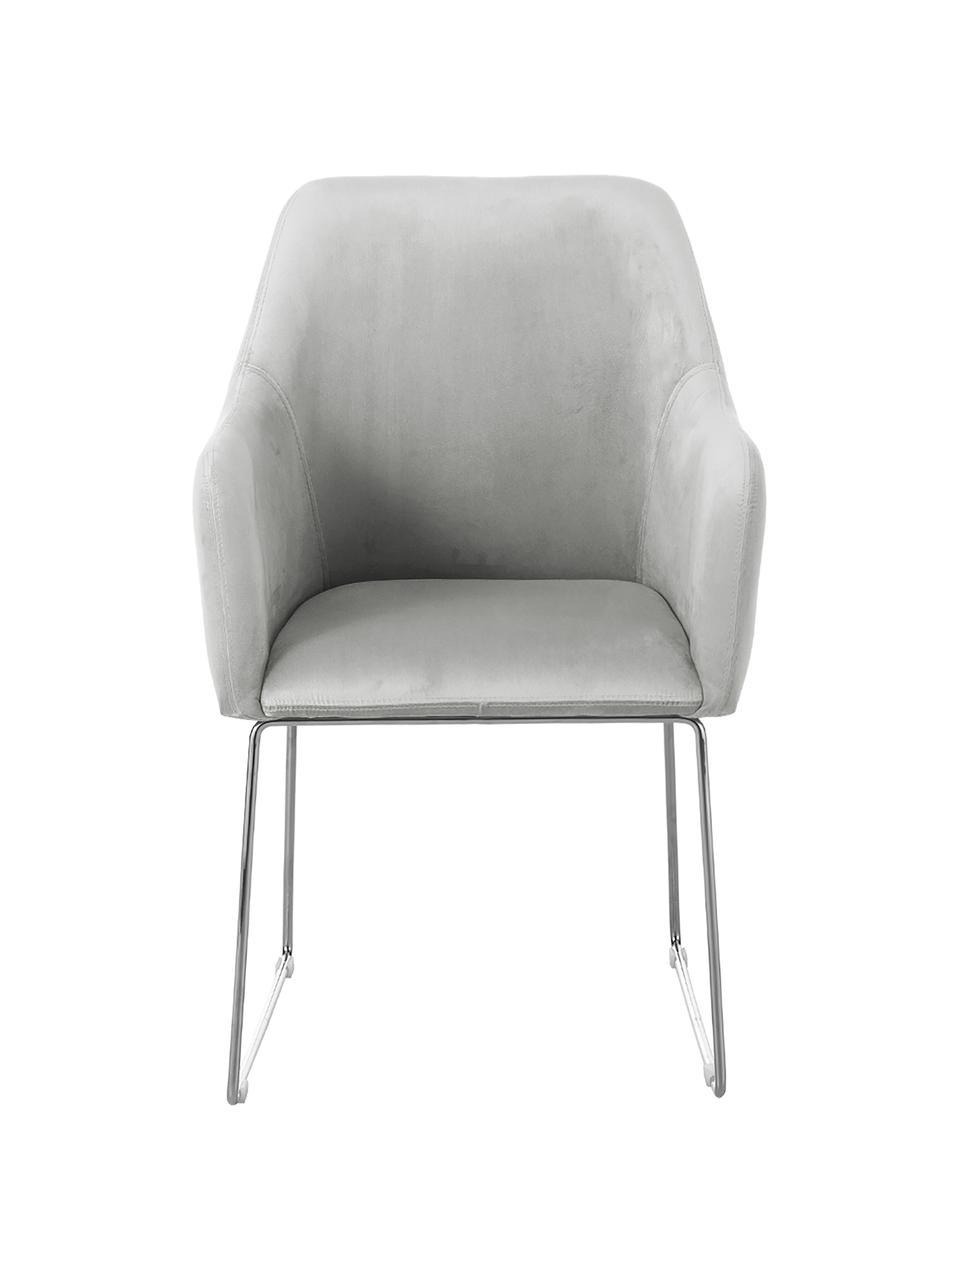 Krzesło z podłokietnikami z aksamitu Isla, Tapicerka: poliester Dzięki tkaninie, Nogi: metal malowany proszkowo, Aksamitny jasny szary, srebrny, S 58 x G 62 cm